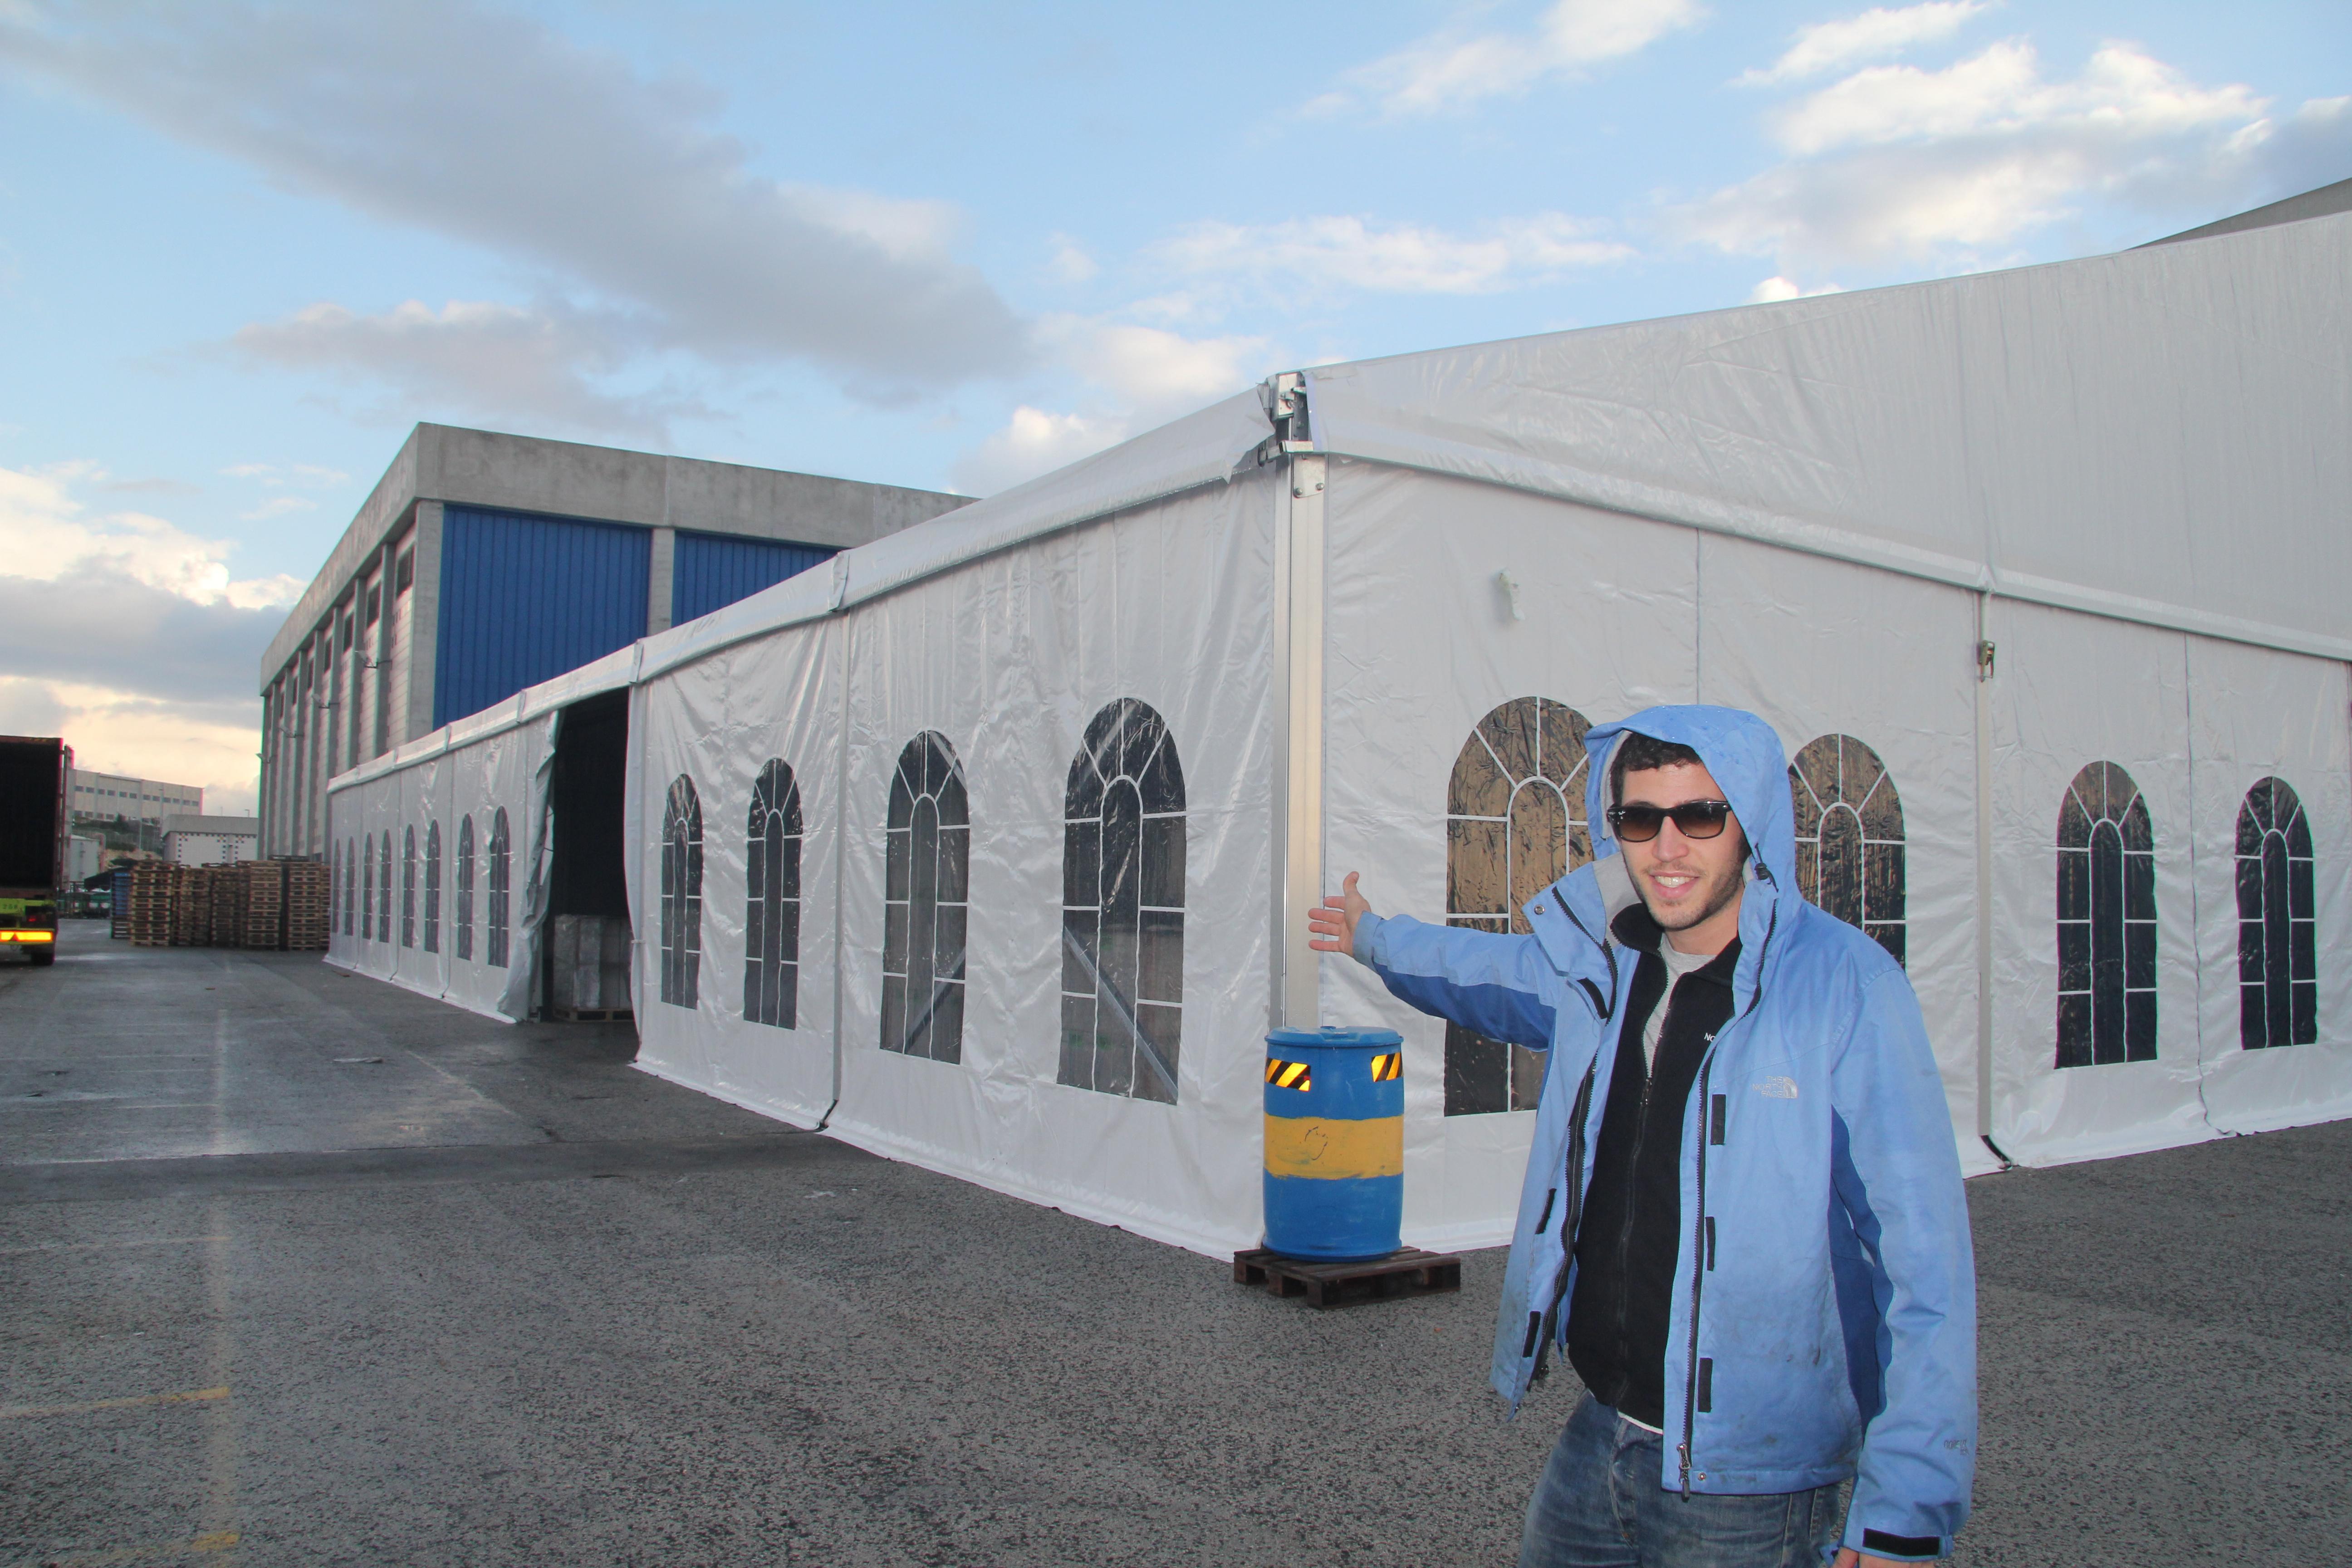 אוהל מבנה גדול דור פילם כרמיאל